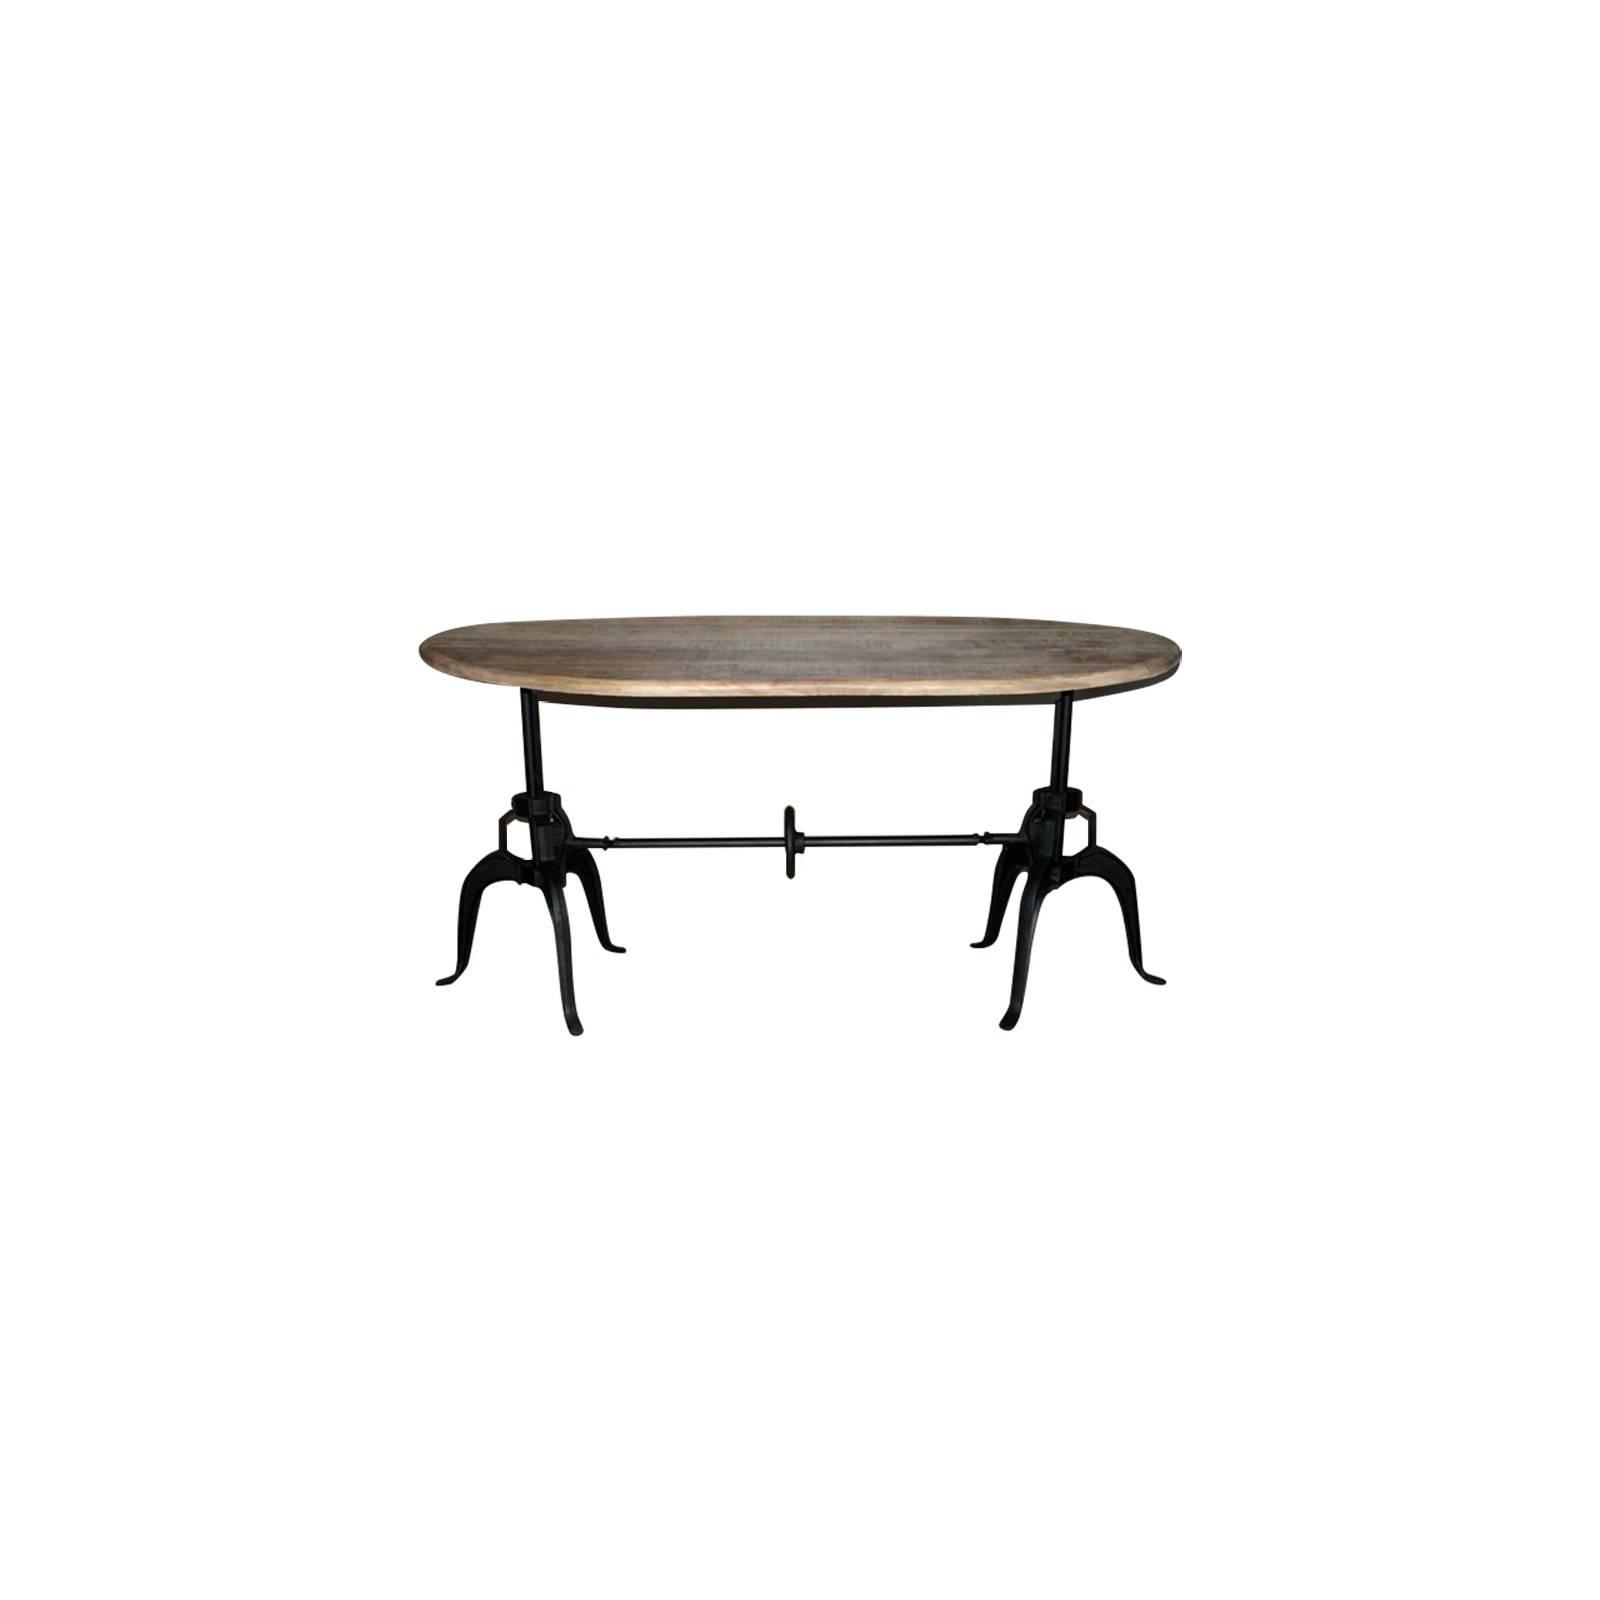 Table de salle ovale. Inspiration déco industrielle avec les meubles Fabric